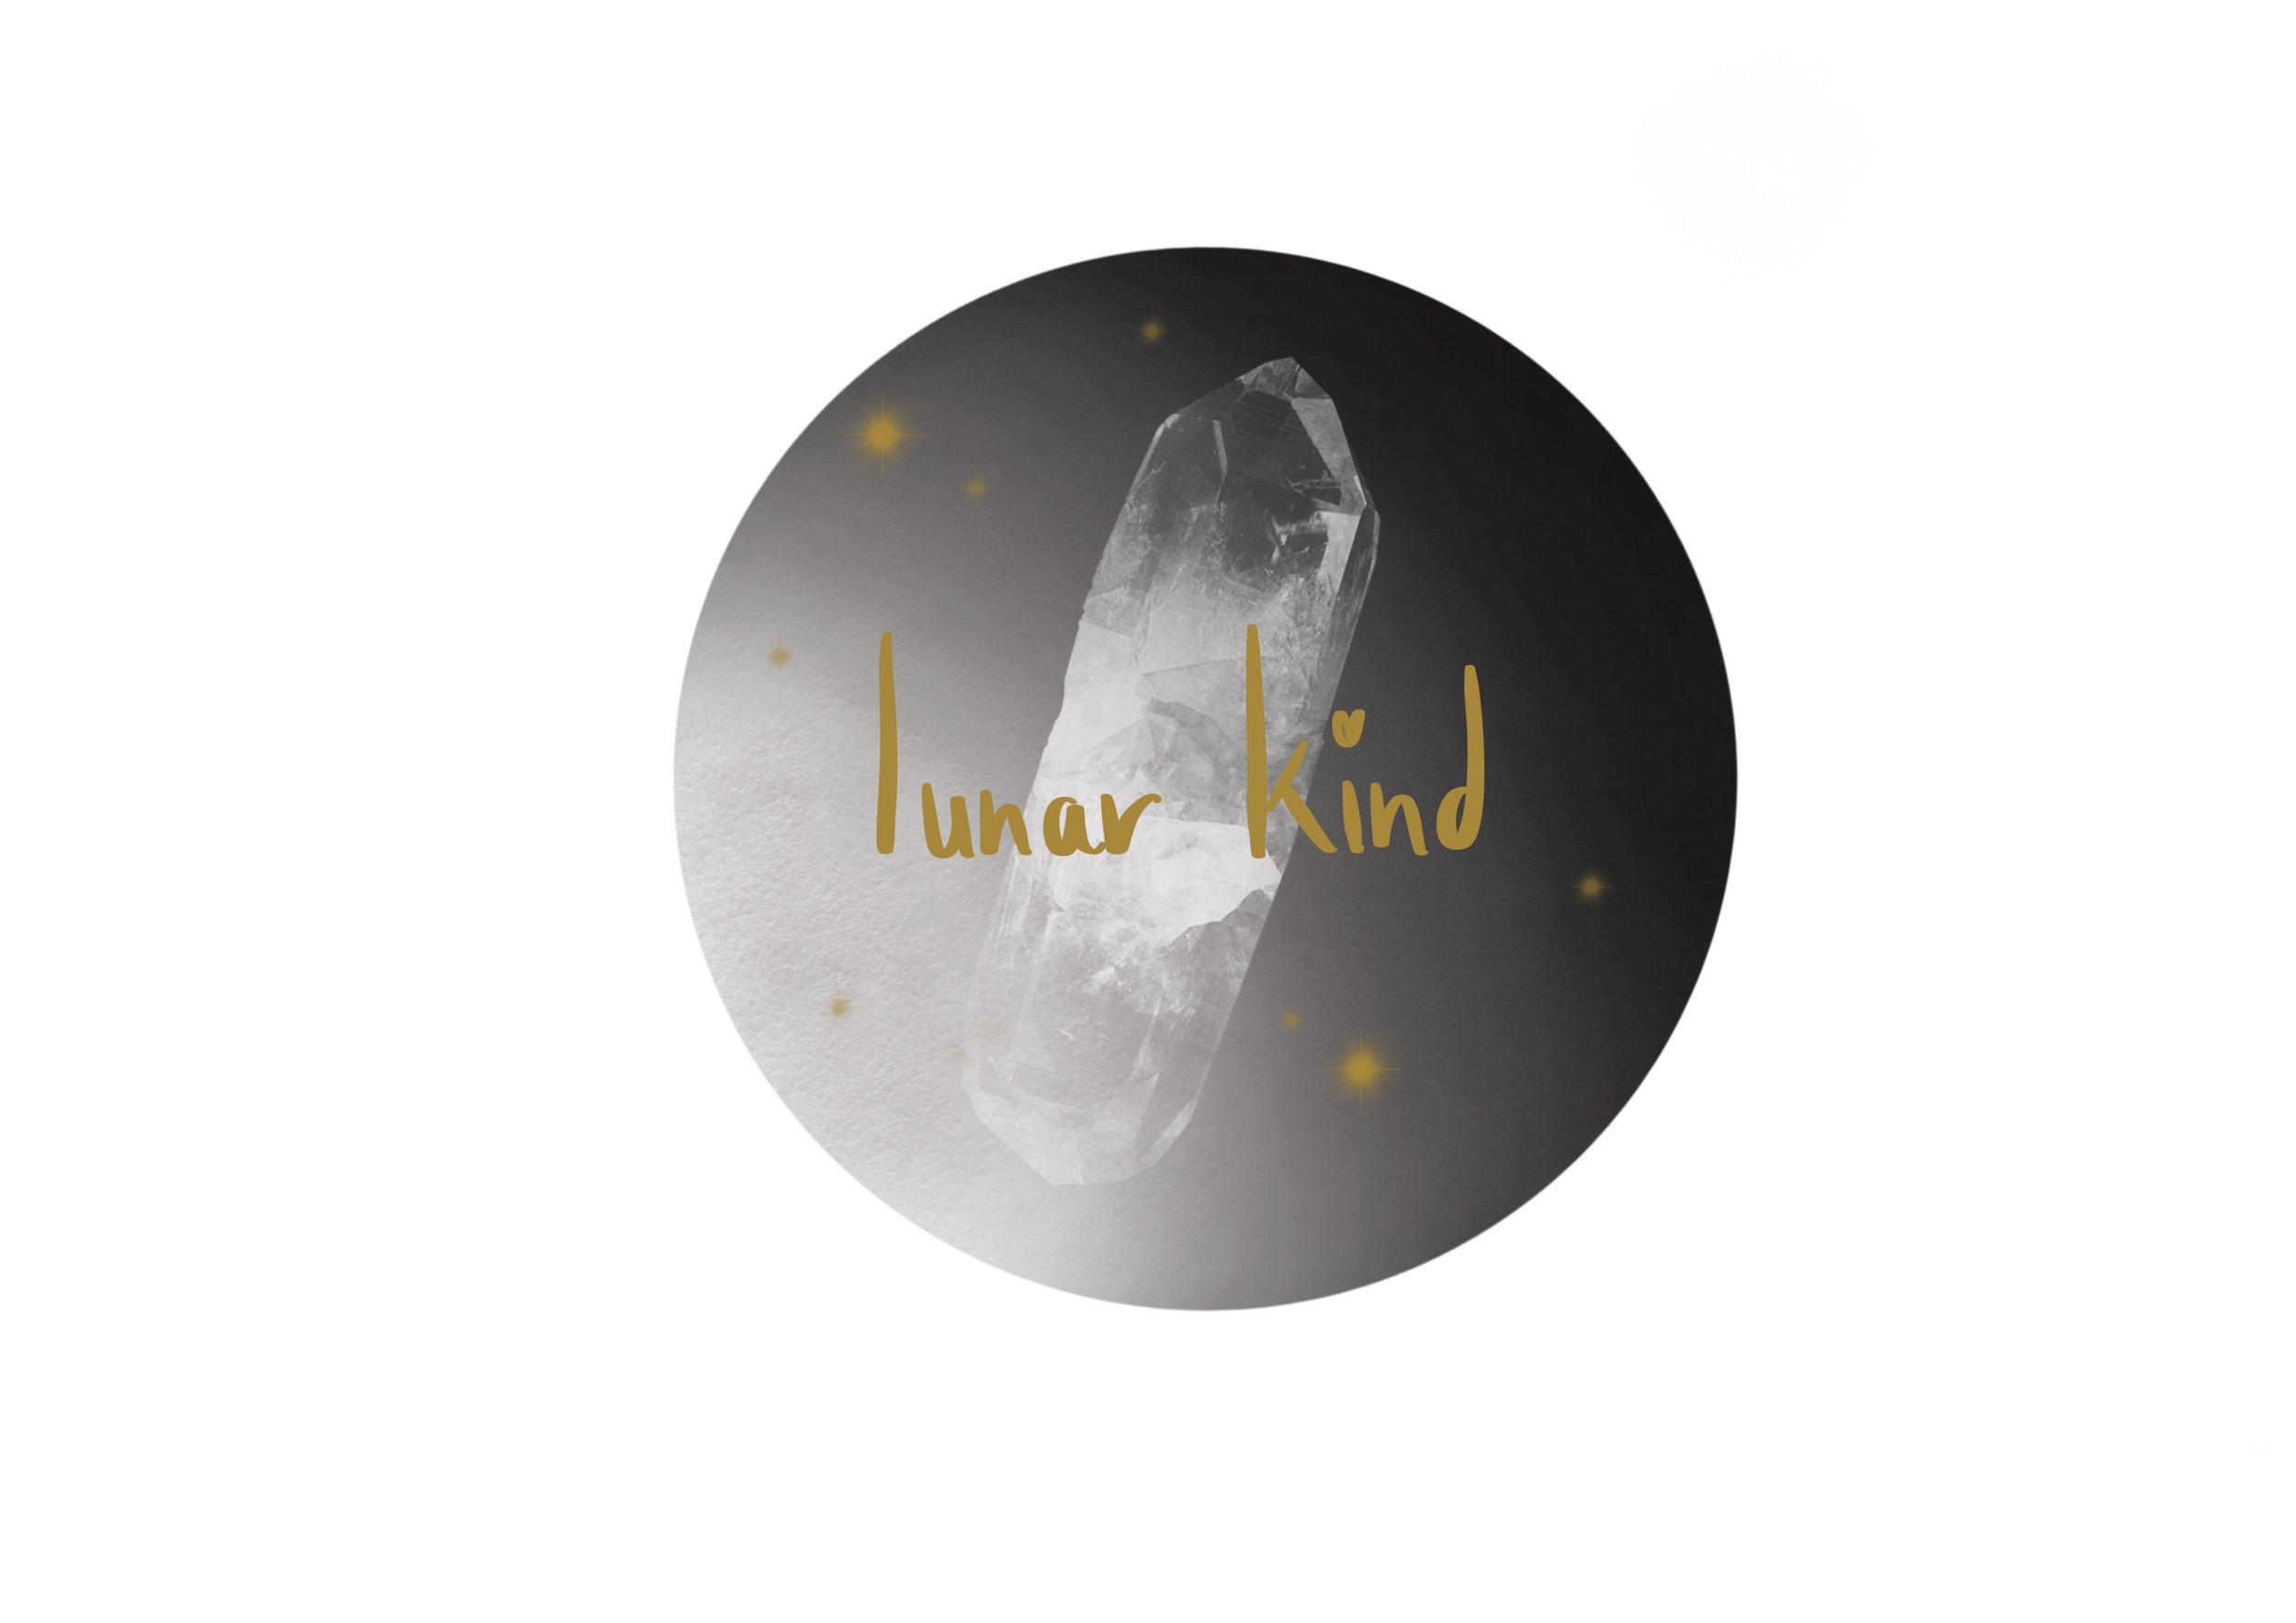 LUNAR KIND - Independent Crystal Storewebsite link